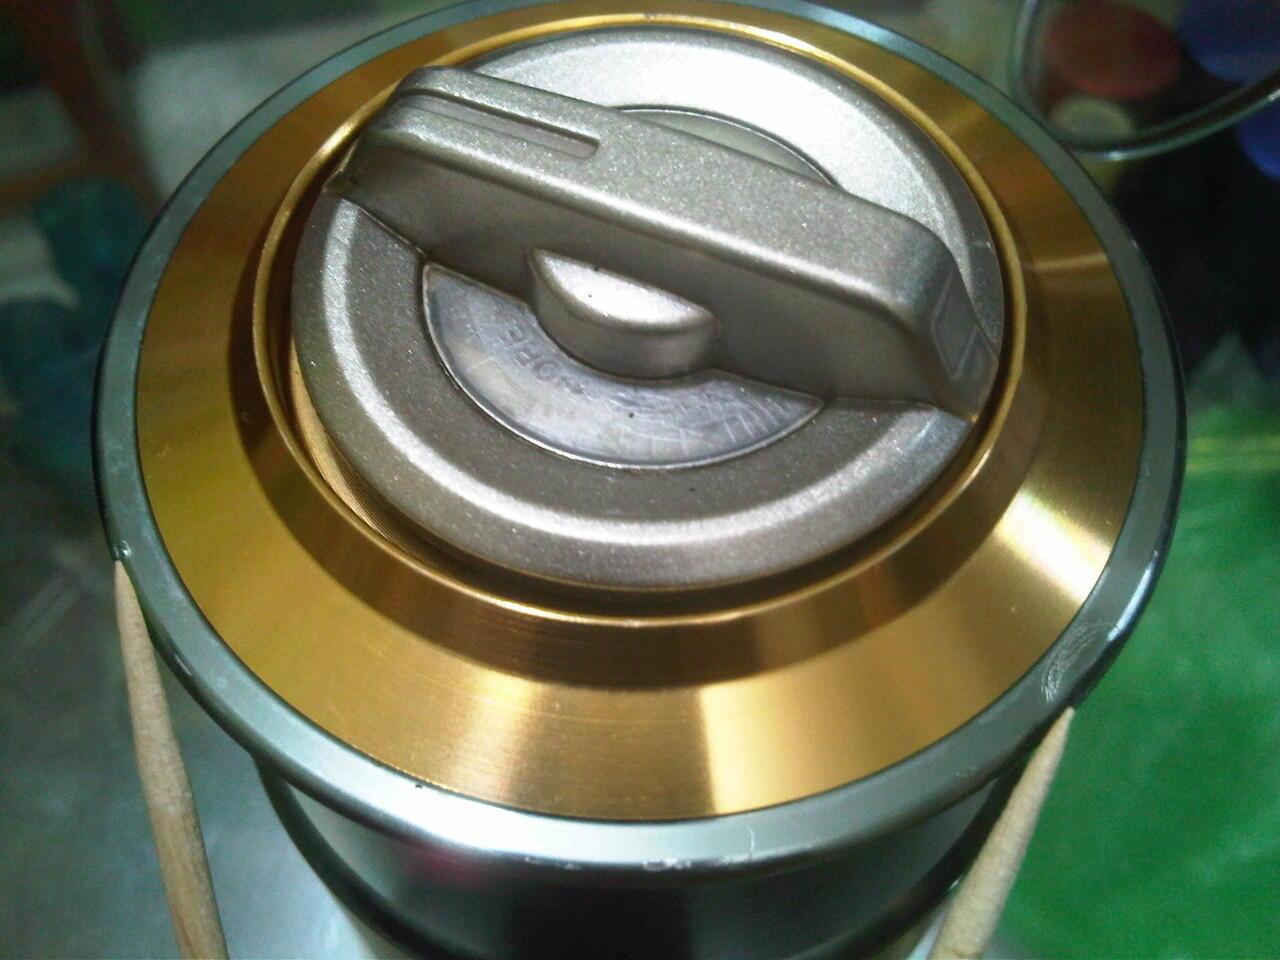 Reel Pancing SHIMANO STRADIC 8000FI double spool murah aja